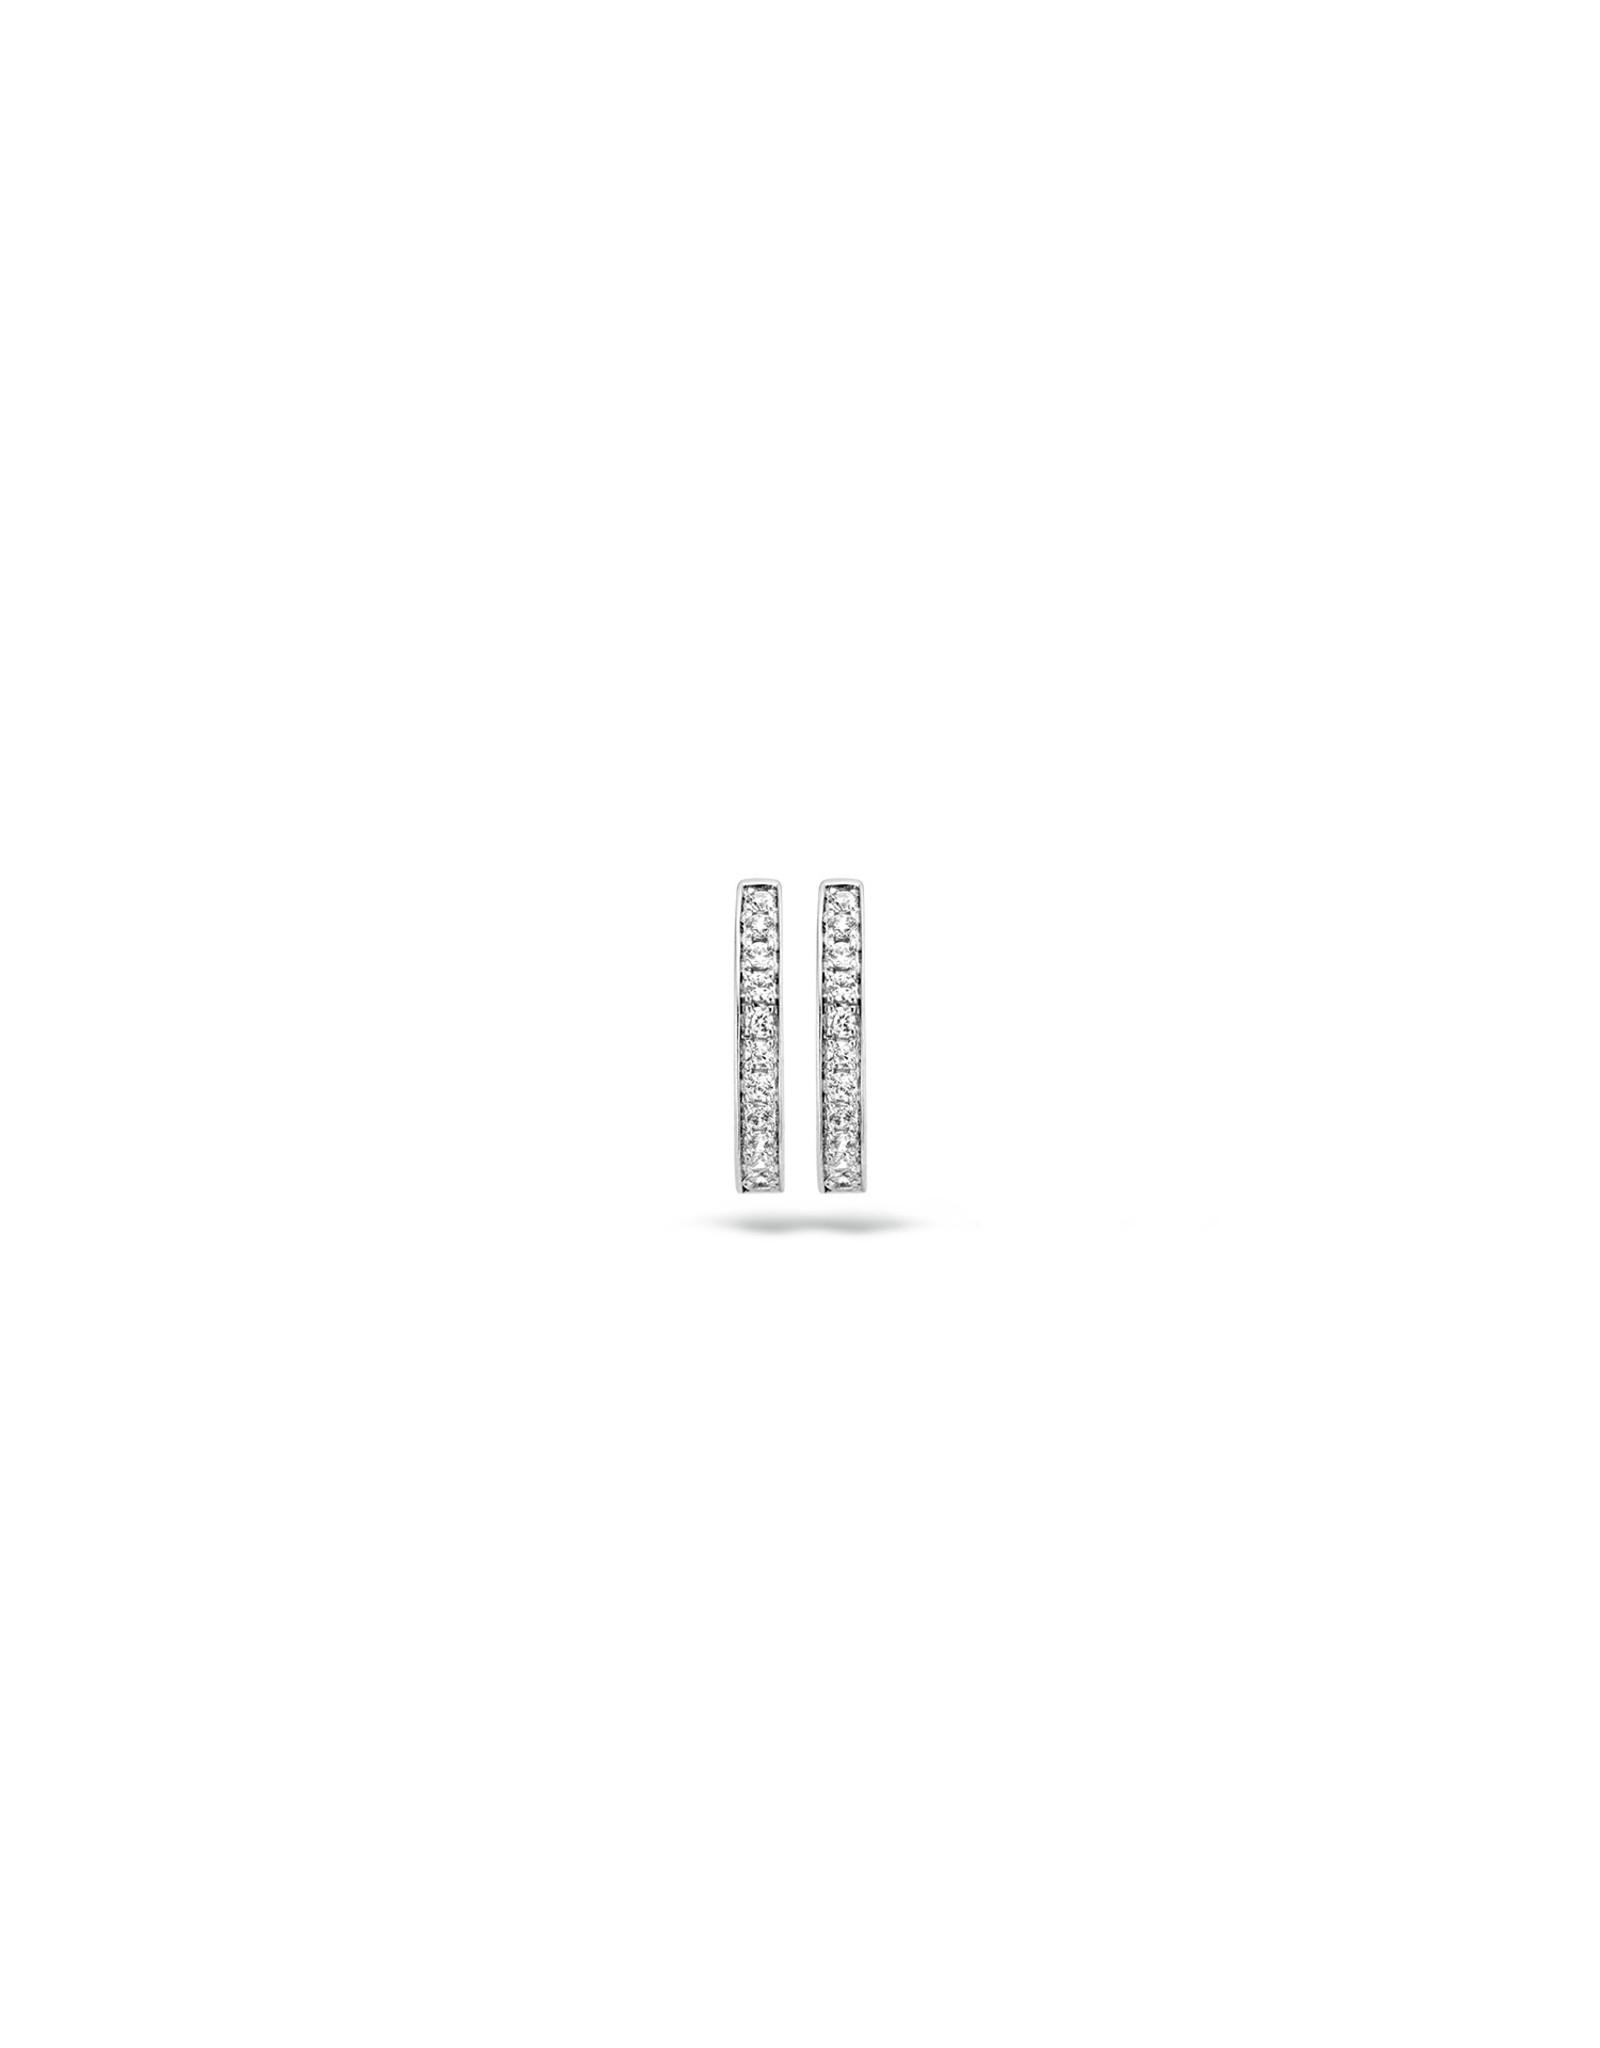 blush Oorbellen creolen wit goud 14kt 7163WZI zircoon